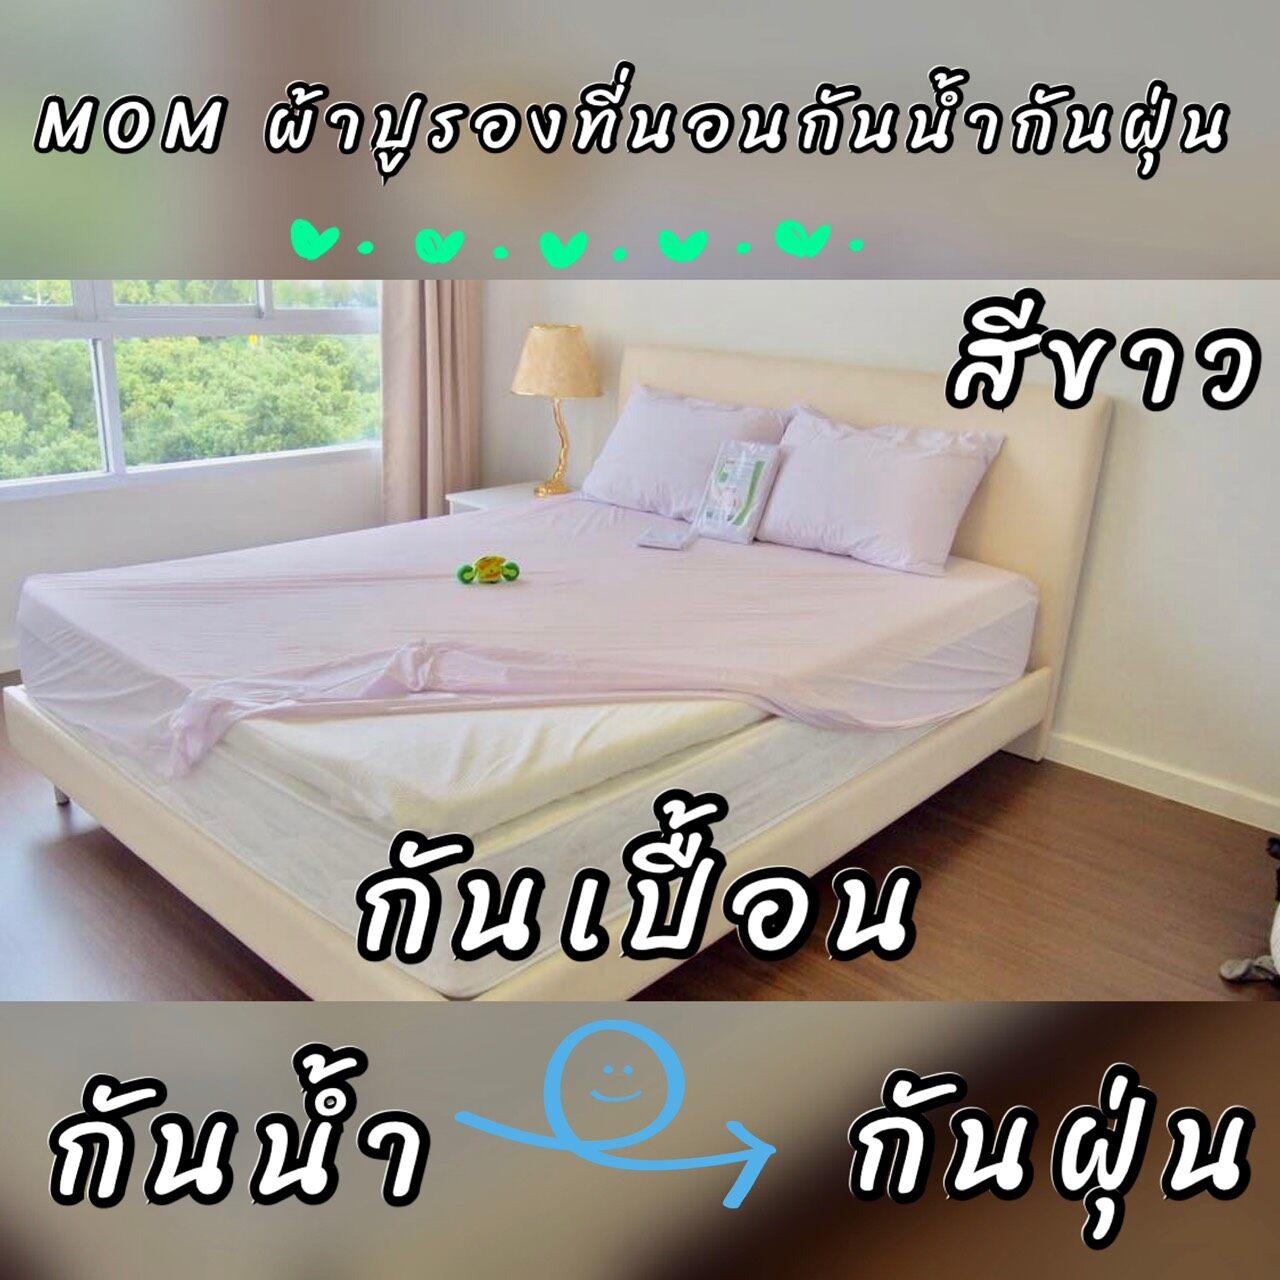 รีวิว ผ้าปูรองที่นอนกันน้ำกันไรฝุ่น ขนาด 3.5 ฟุต